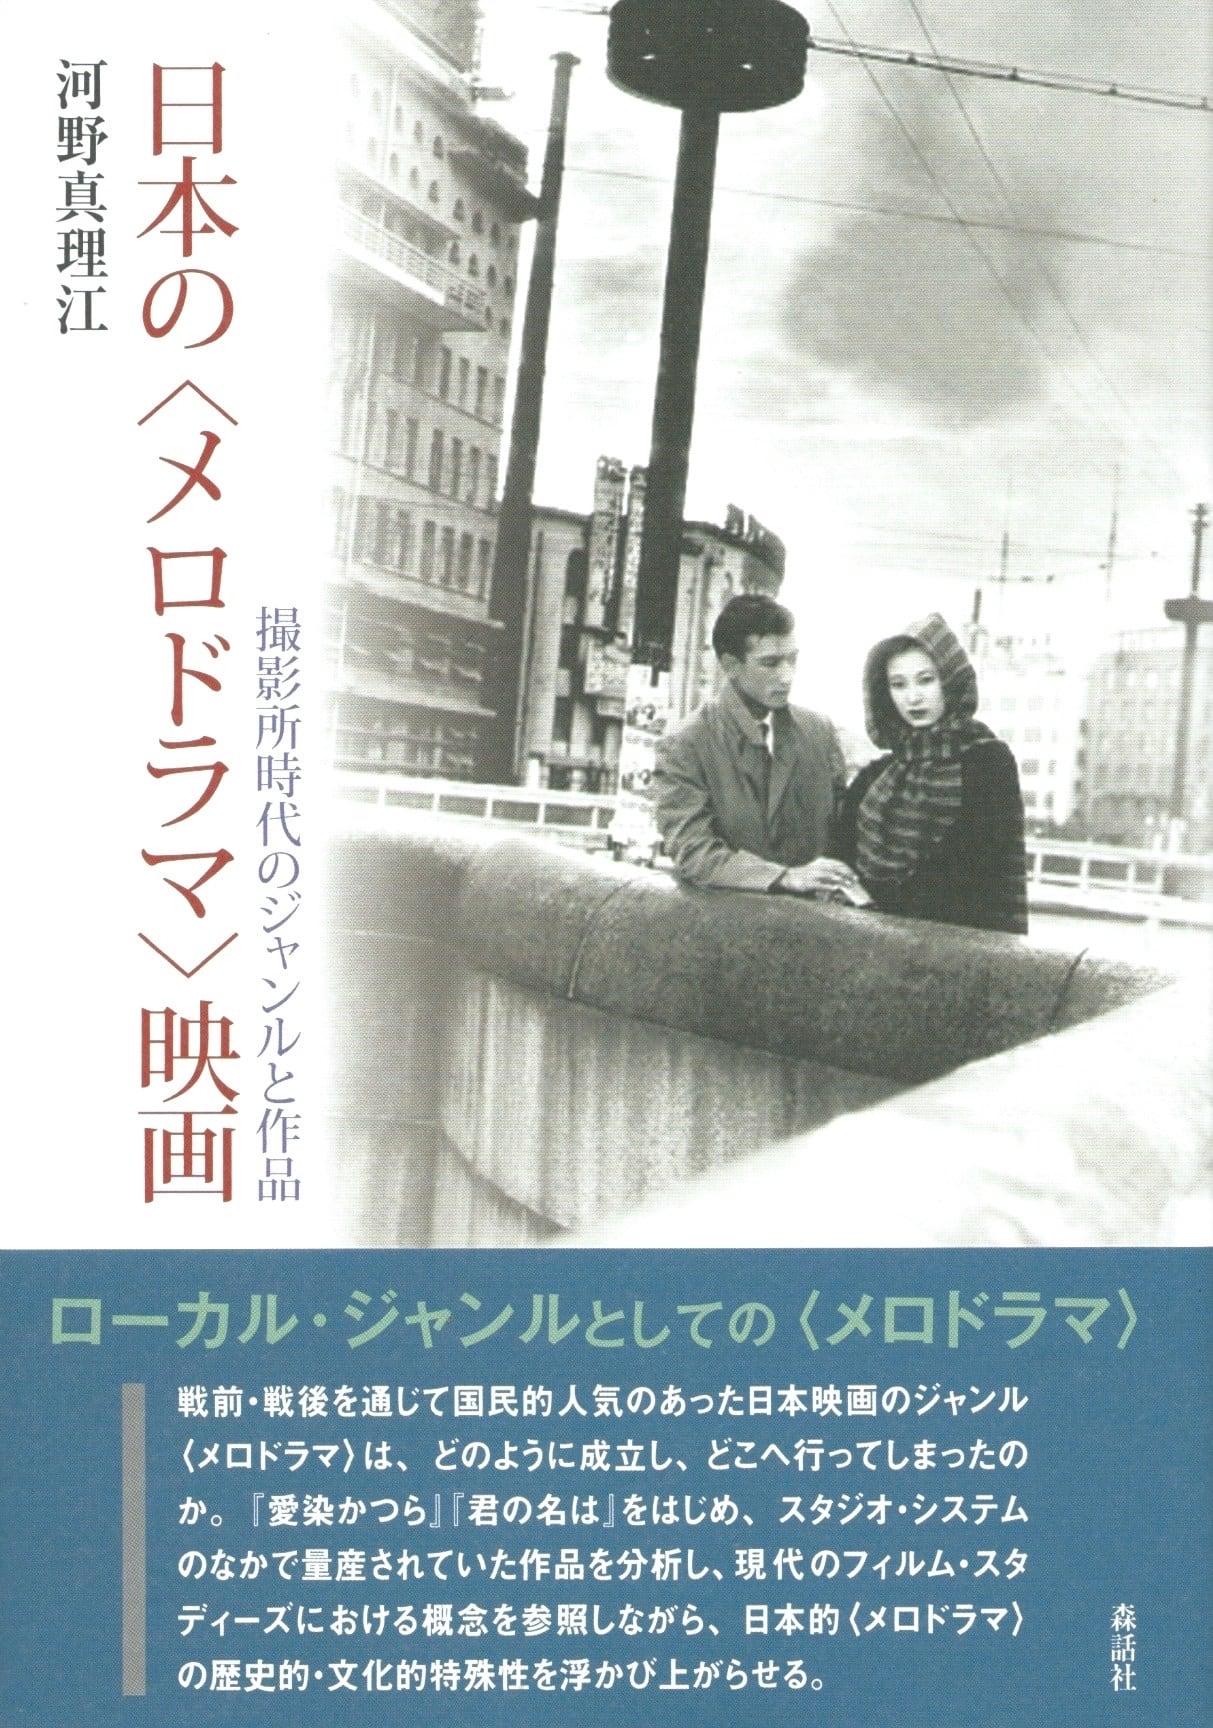 日本の〈メロドラマ〉映画 撮影所時代のジャンルと作品